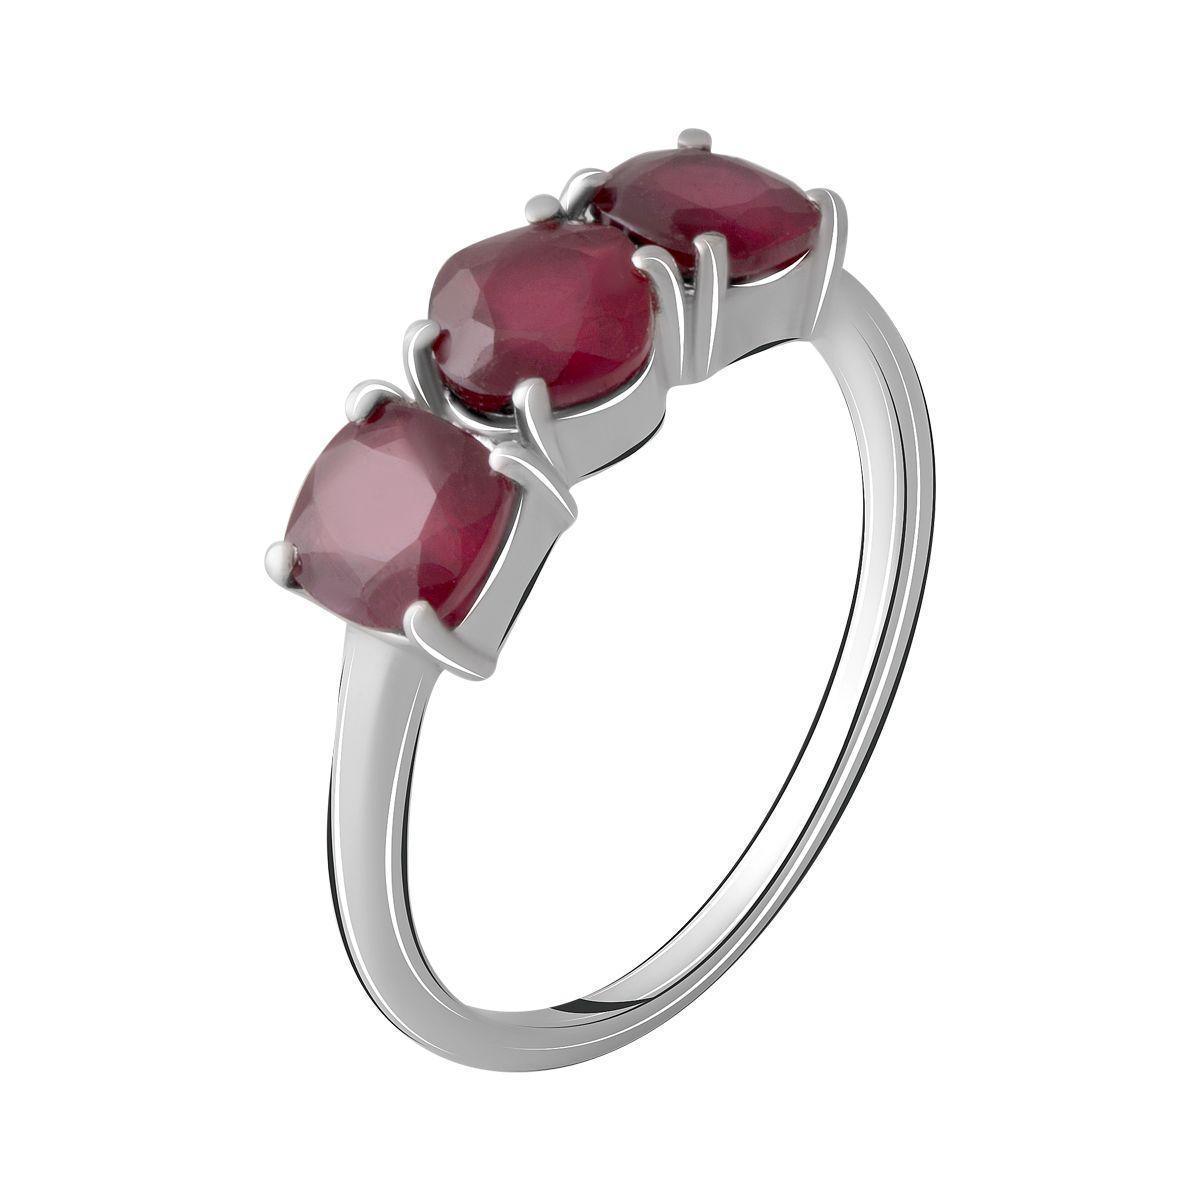 Серебряное кольцо pSilverAlex с натуральным рубином 2.45ct (2068532) 18 размер